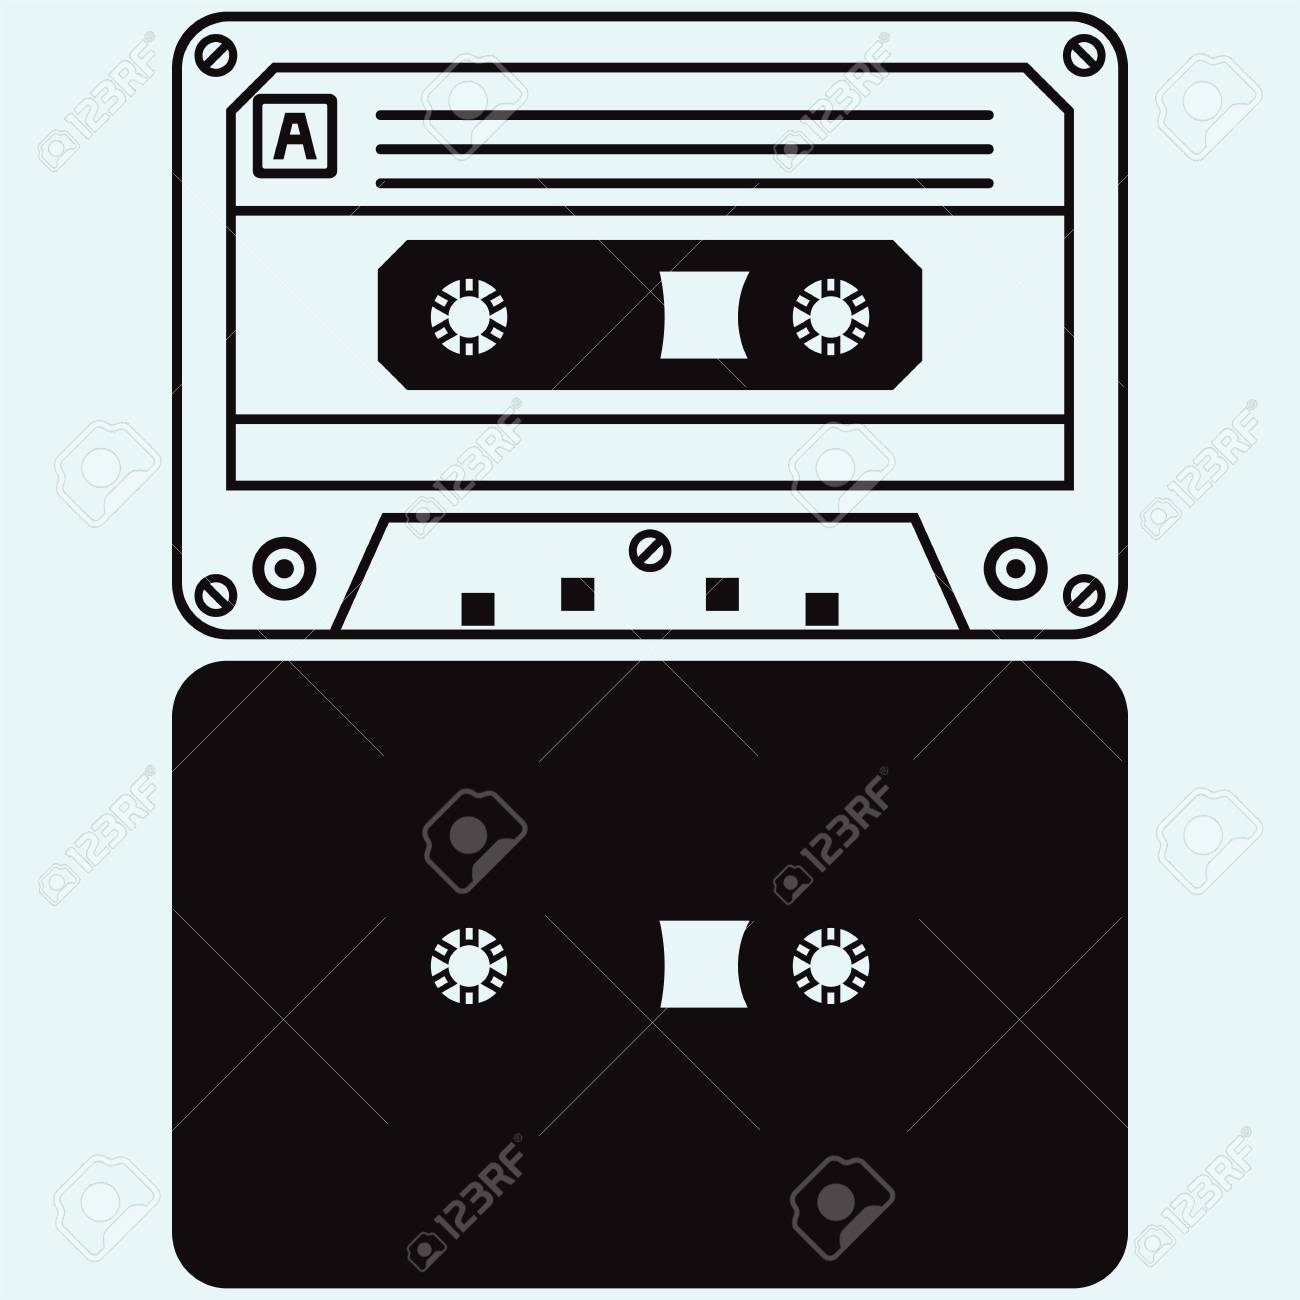 青の背景に分離されたカセット テープのイラスト素材ベクタ Image